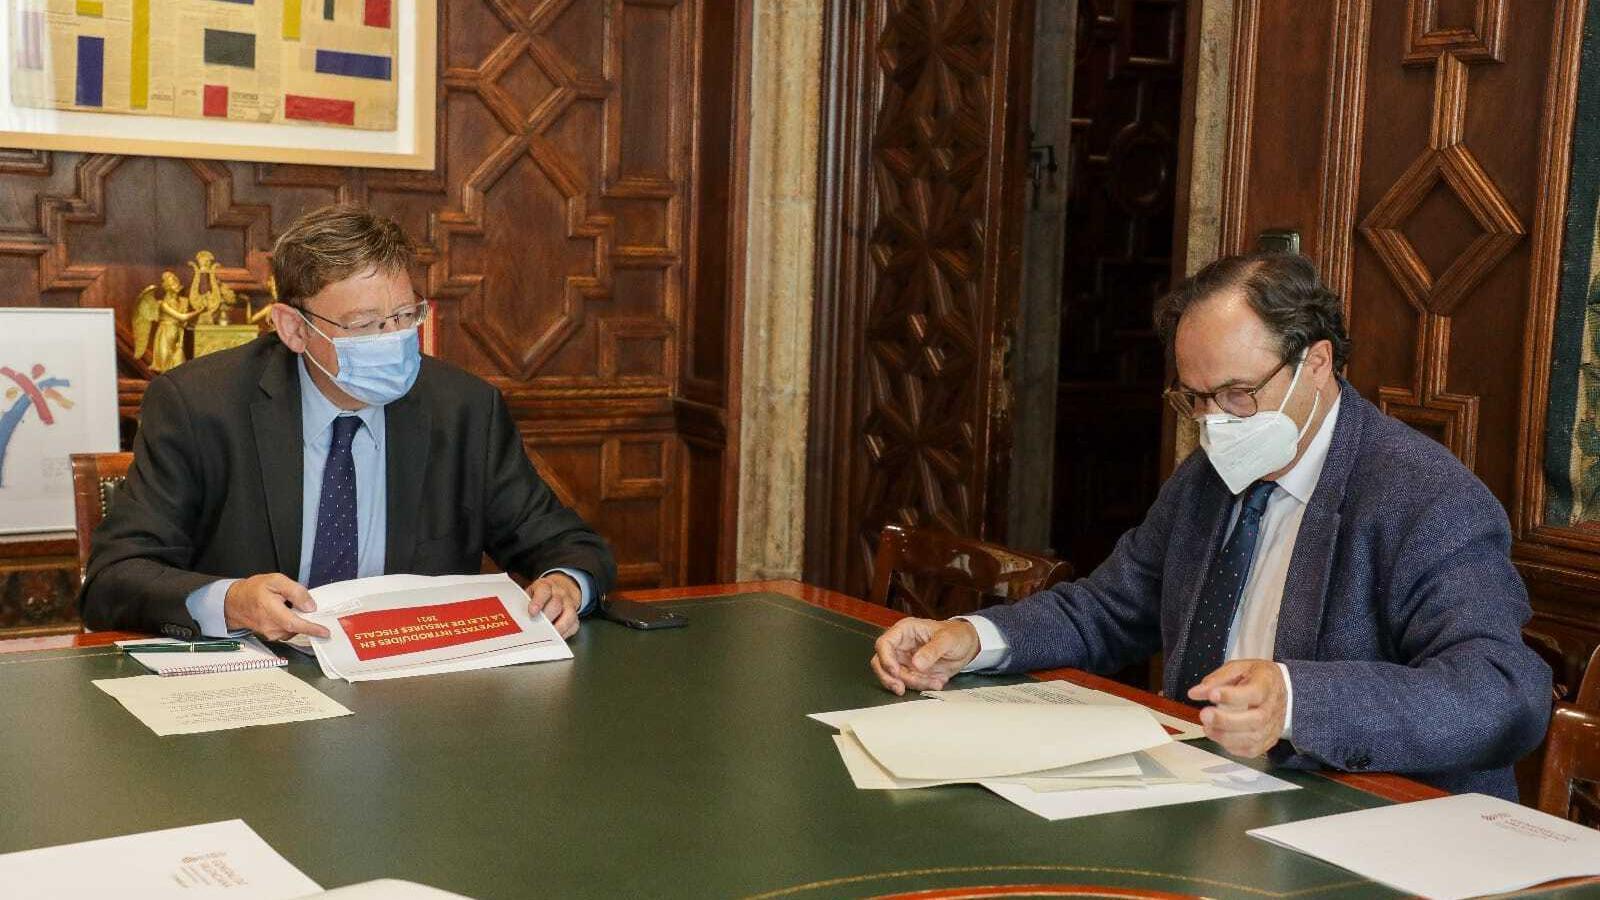 El president de la Generalitat Valenciana, Ximo Puig, i el conseller d'Hisenda, Vicent Soler